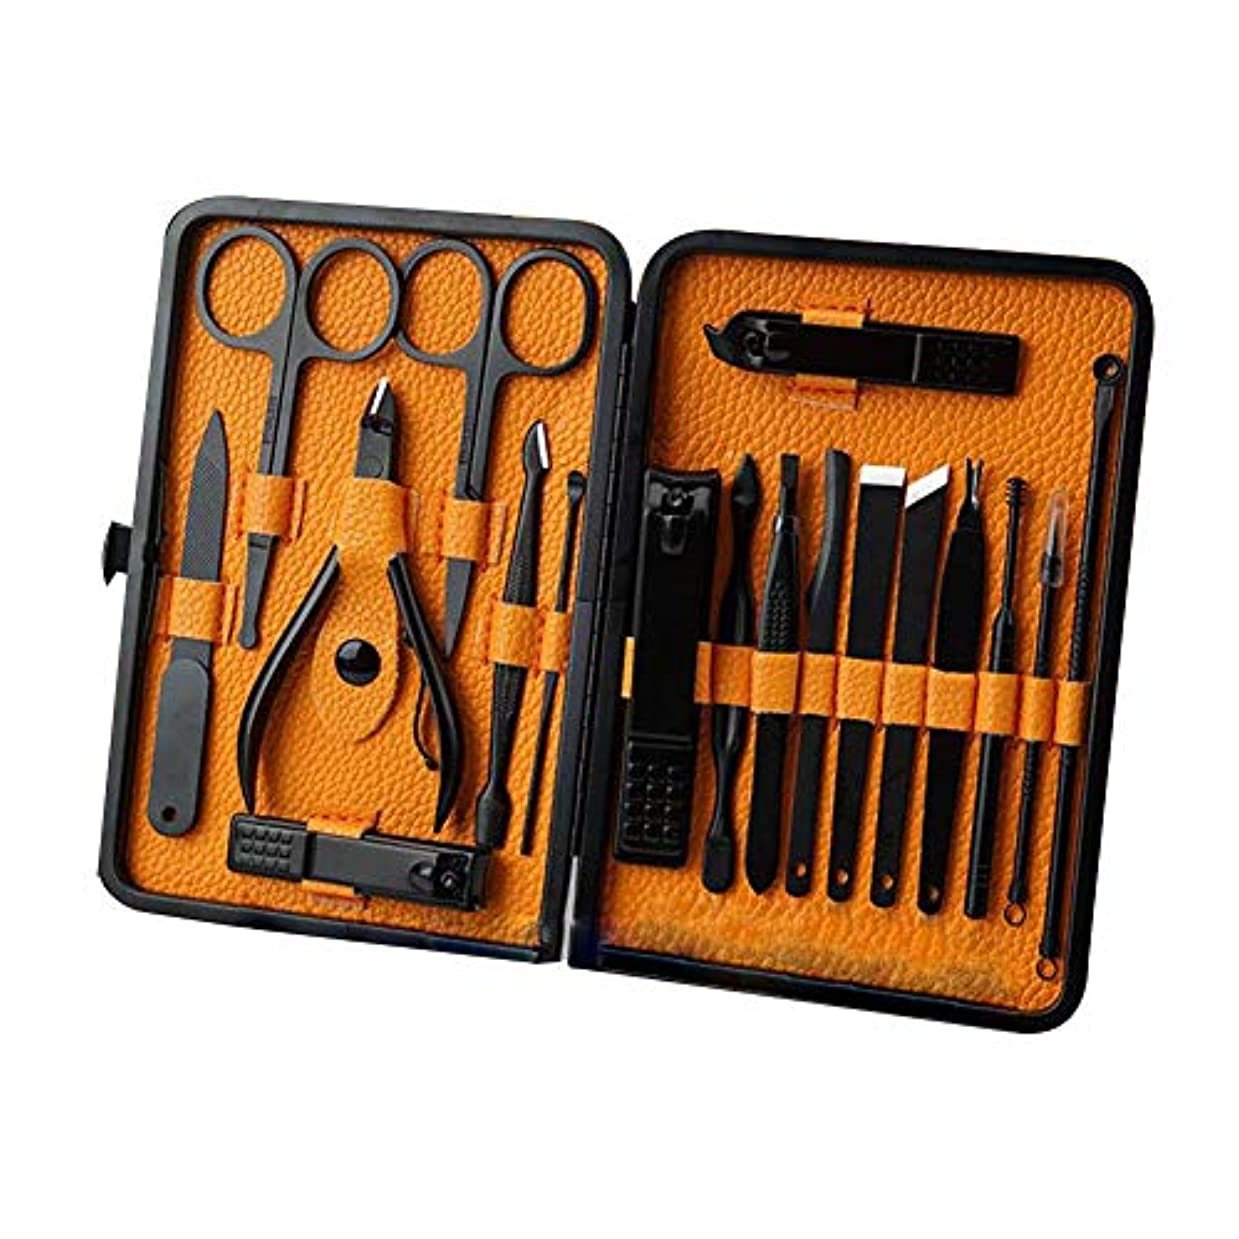 沼地とにかく移行ツールと革オレンジプロの美容ツール18をトリミングステンレス鋼ペディキュアキットキューティクルはさみ